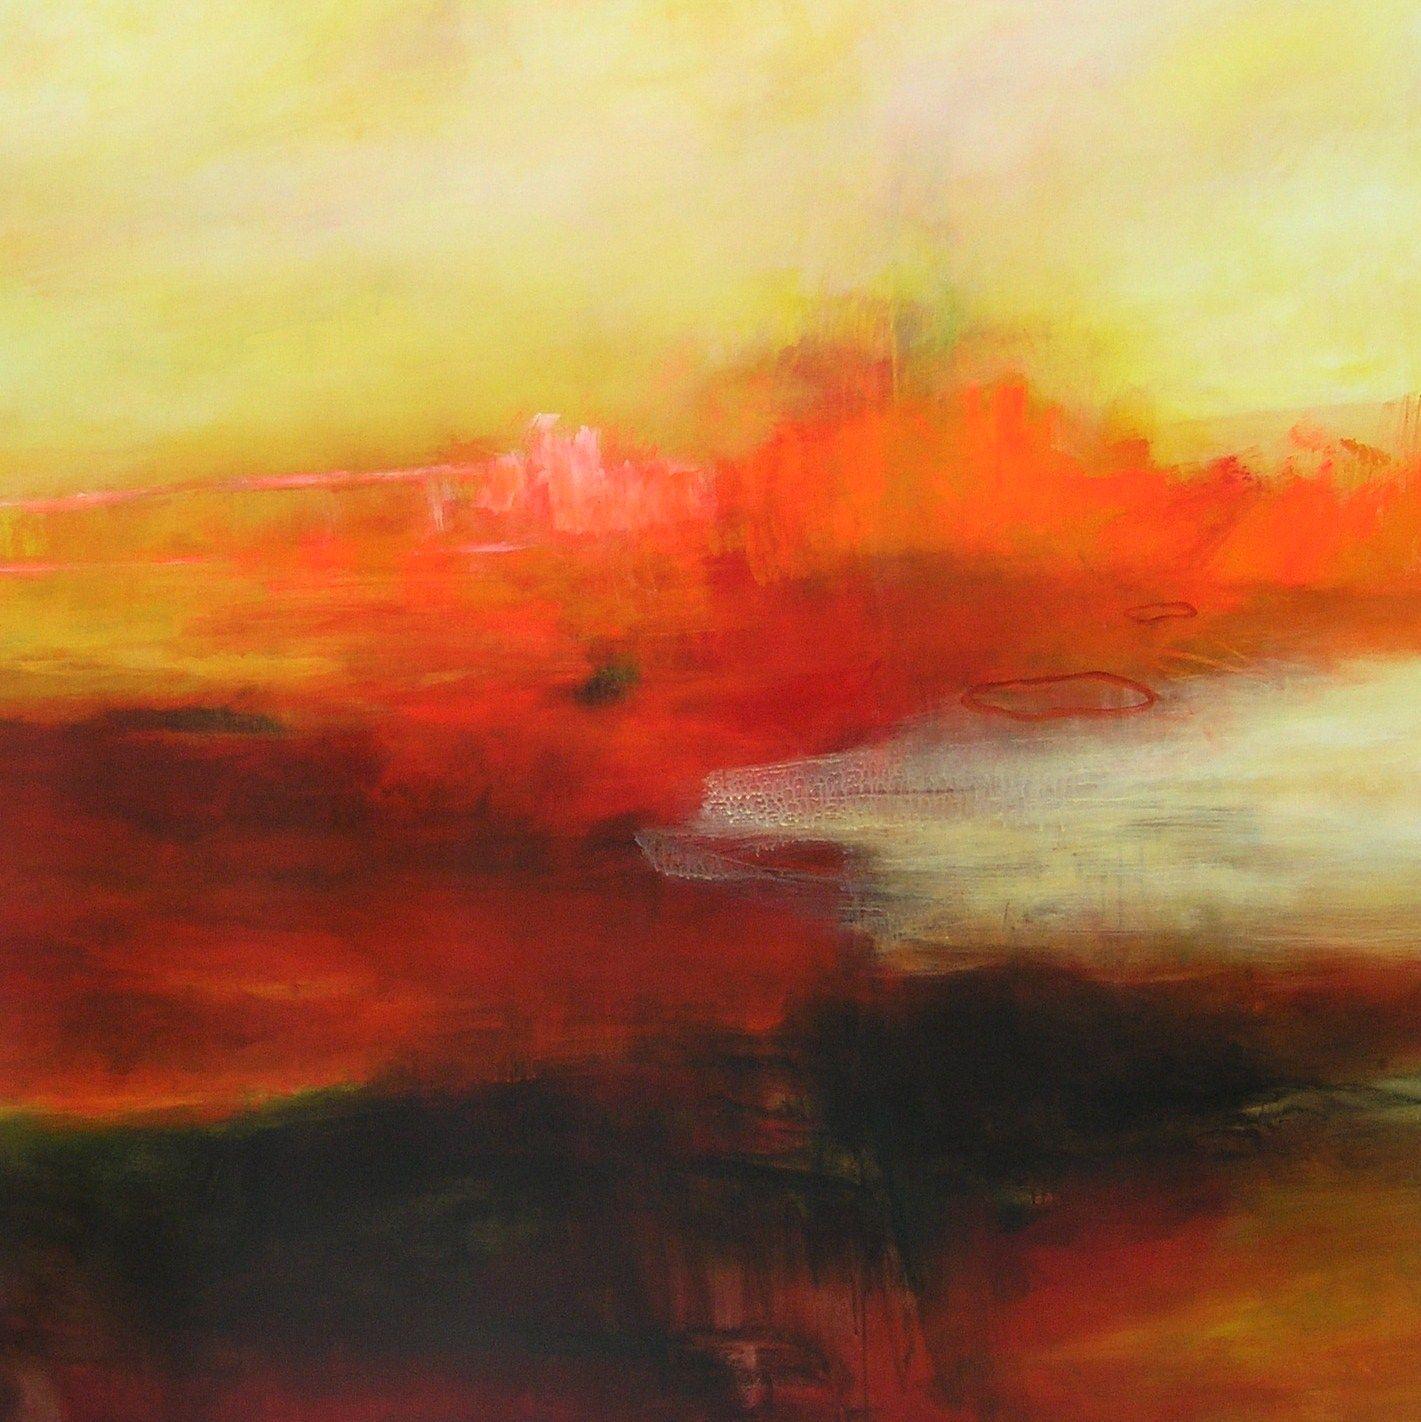 150 x 150 cm. Acrylic on canvas. 2011